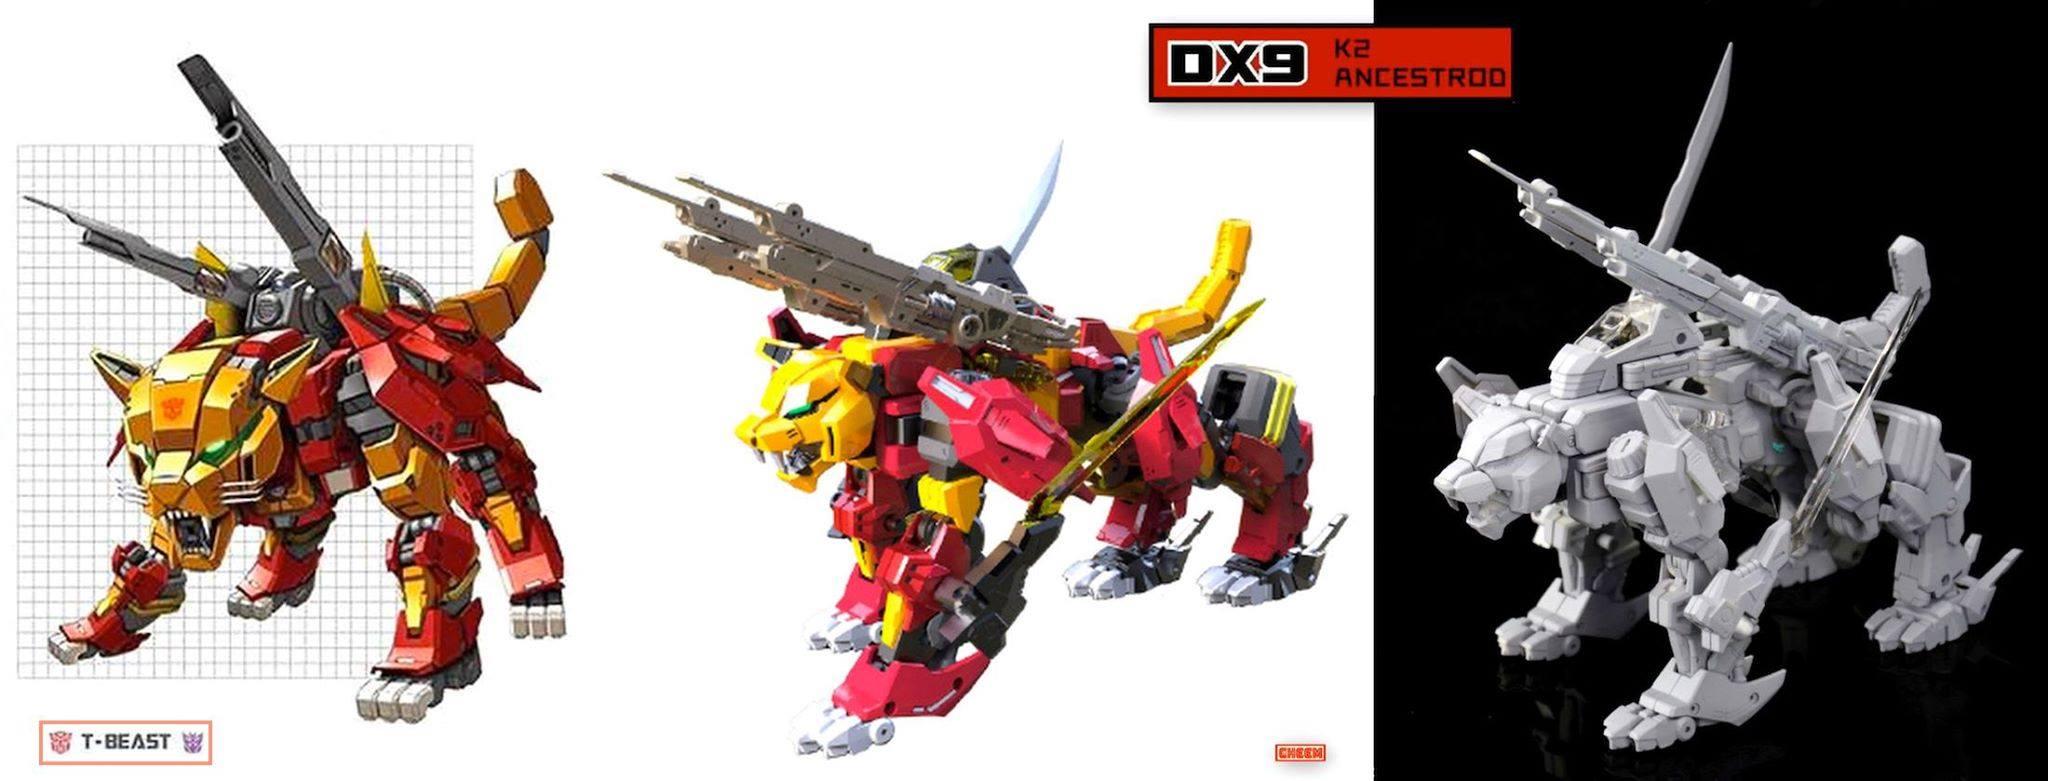 Produit Tiers - Design T-Beast - Basé sur Beast Wars - par Generation Toy, DX9 Toys, TT Hongli, Transform Element, etc G9FA6j8G_o